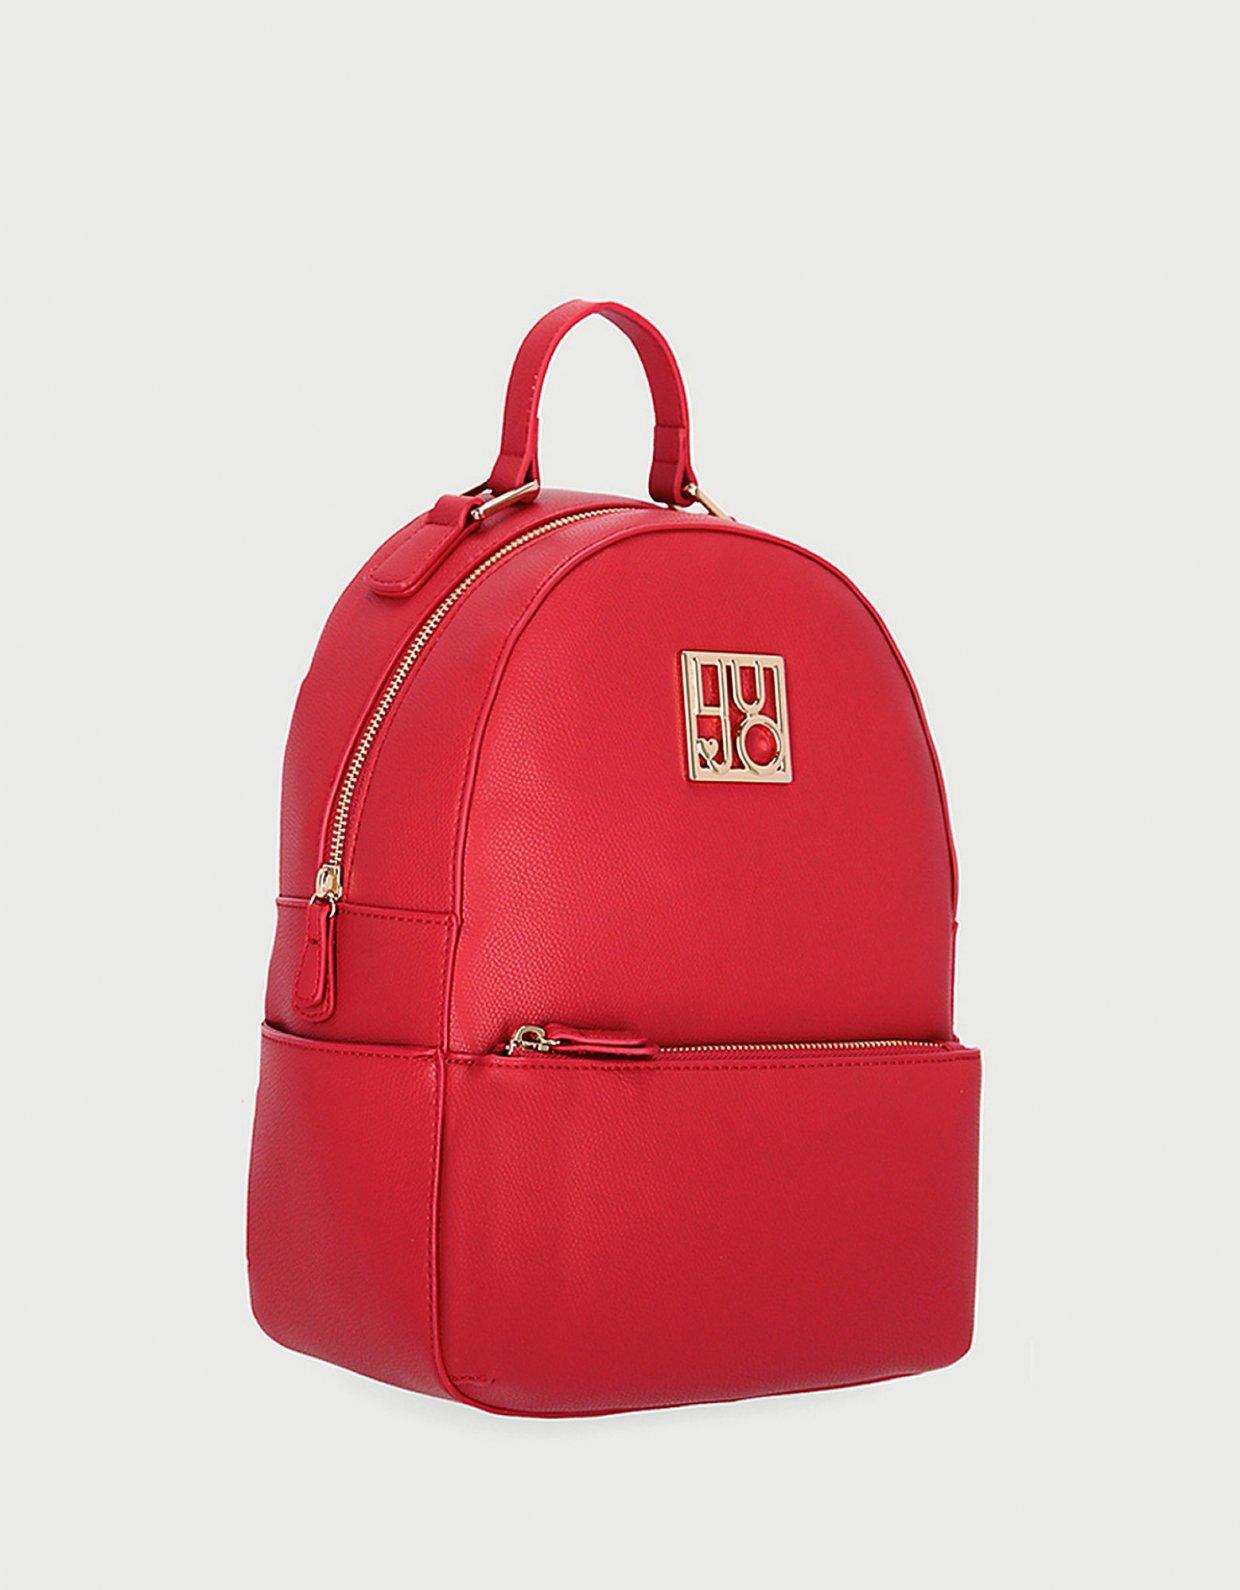 Liu Jo Eco-friendly backpack red